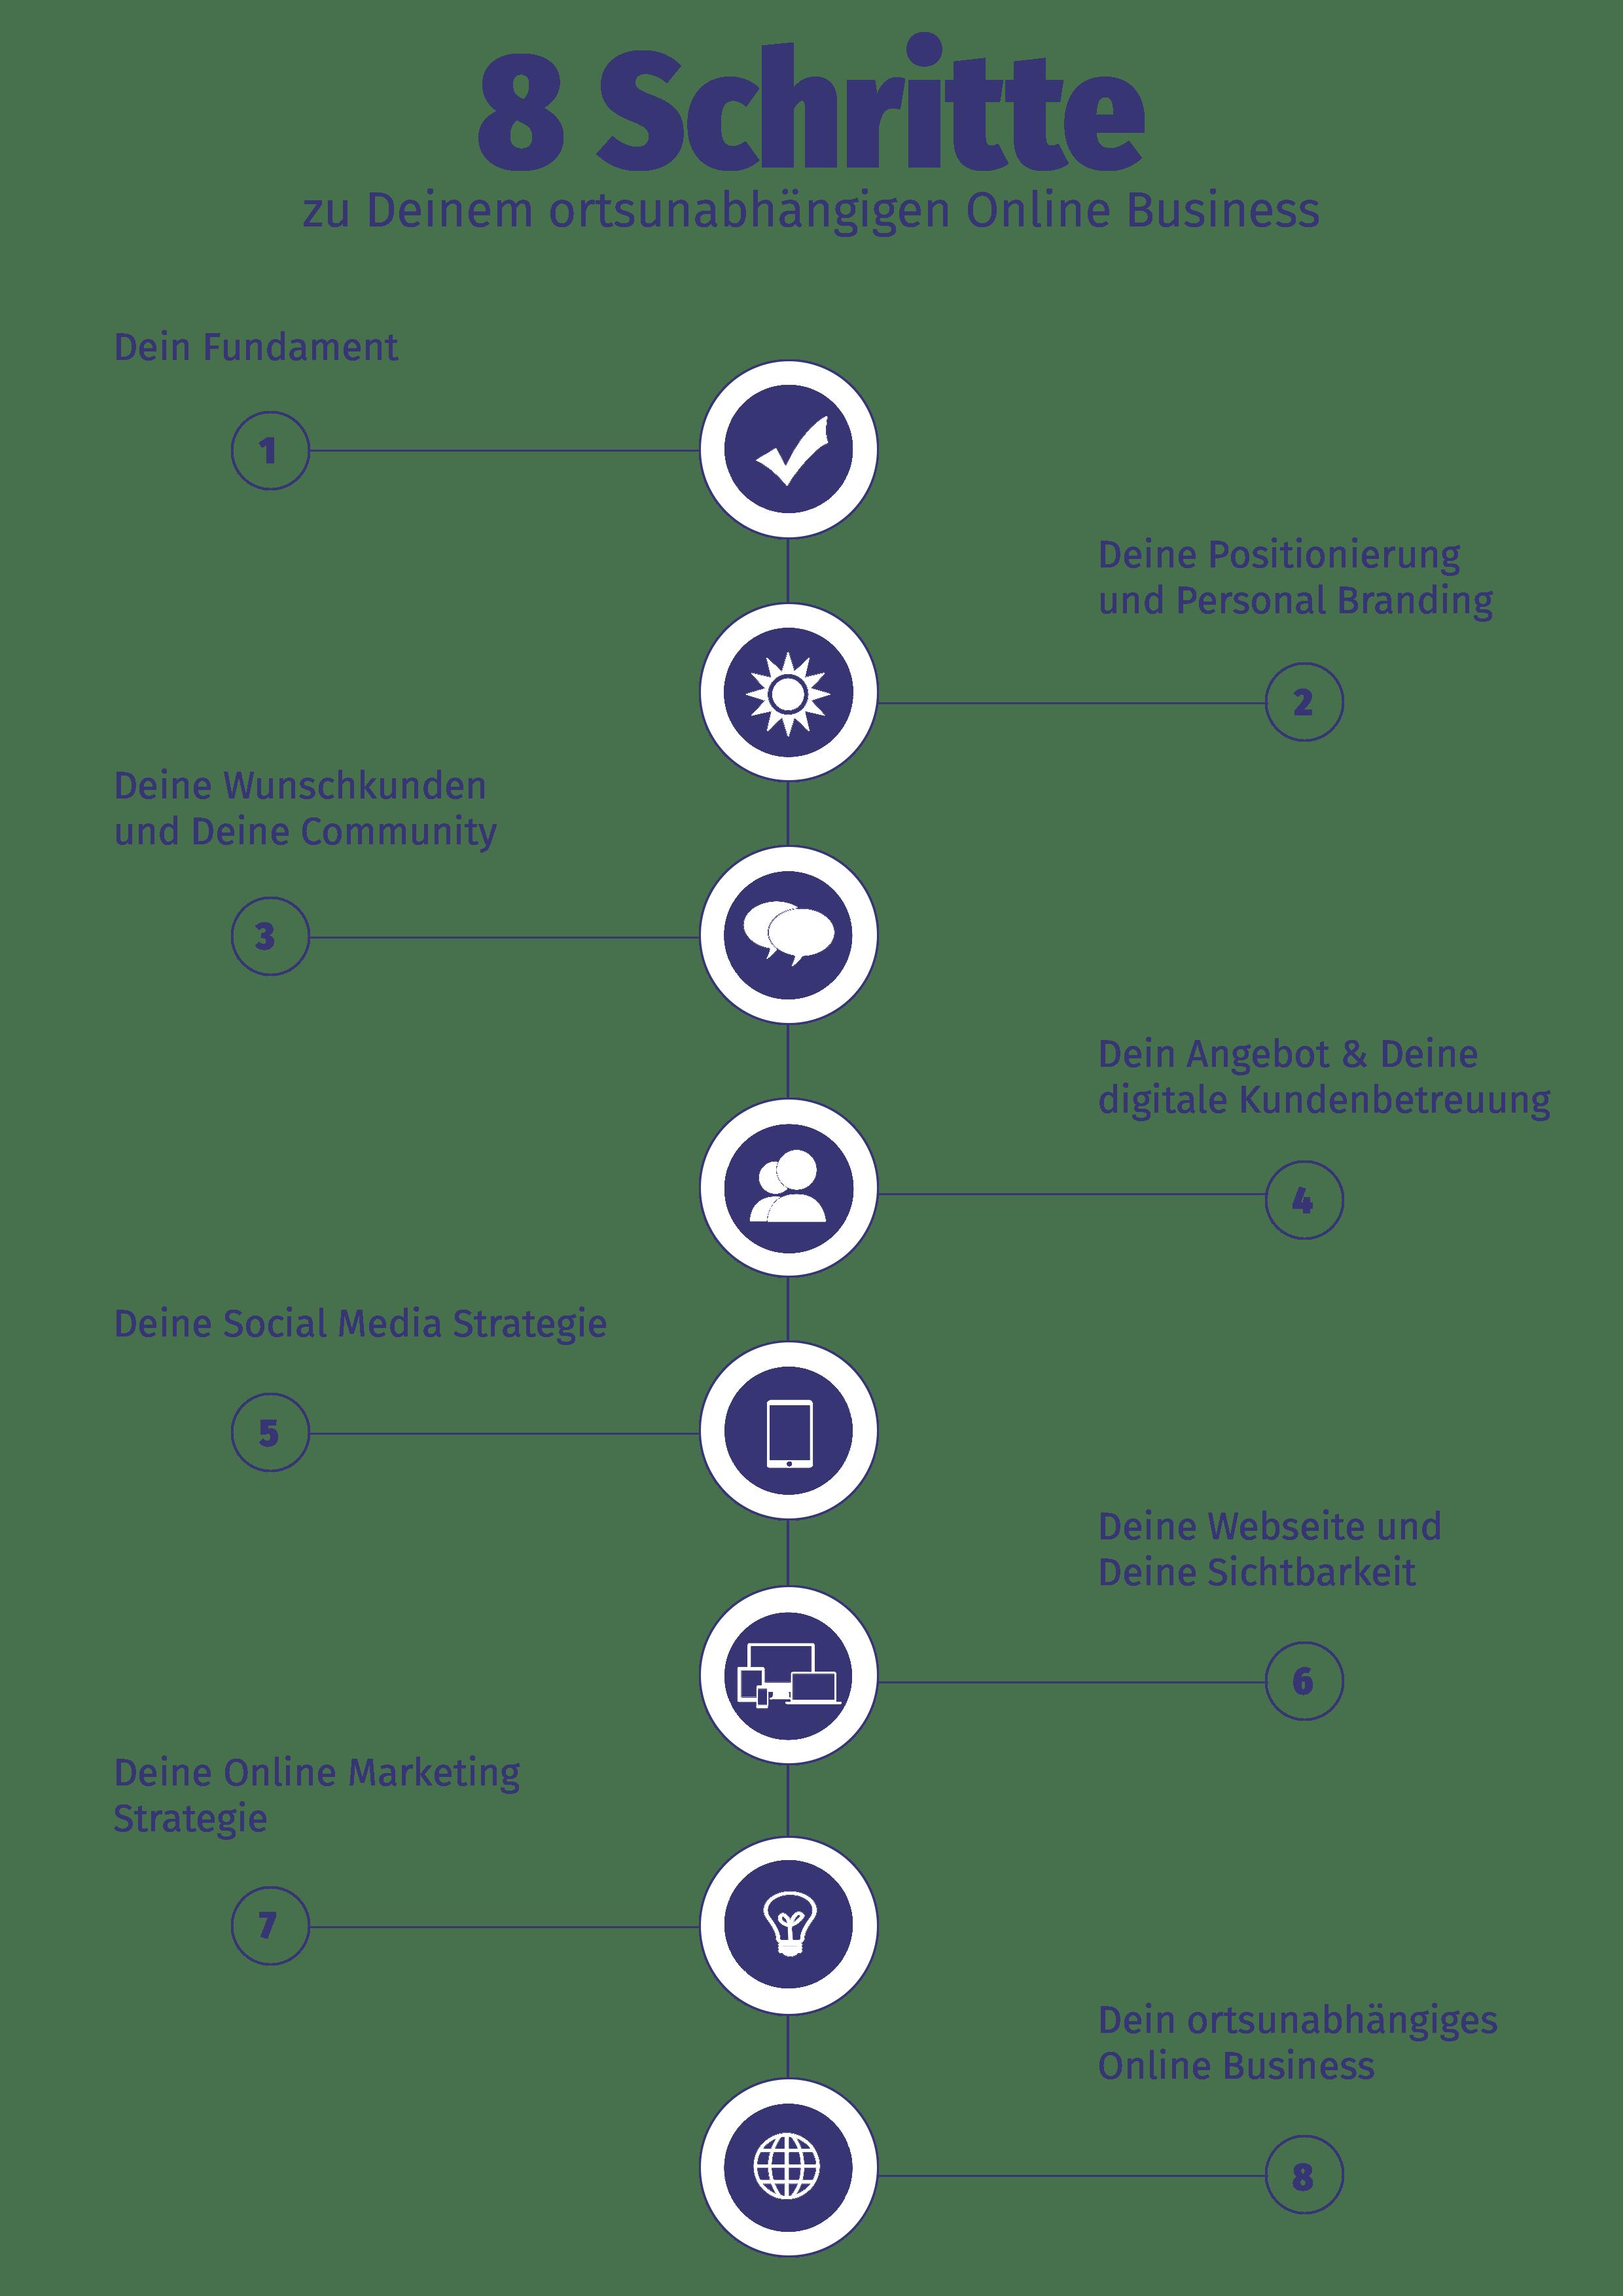 8 schritte zu einem ortsunabhängigen Online Business